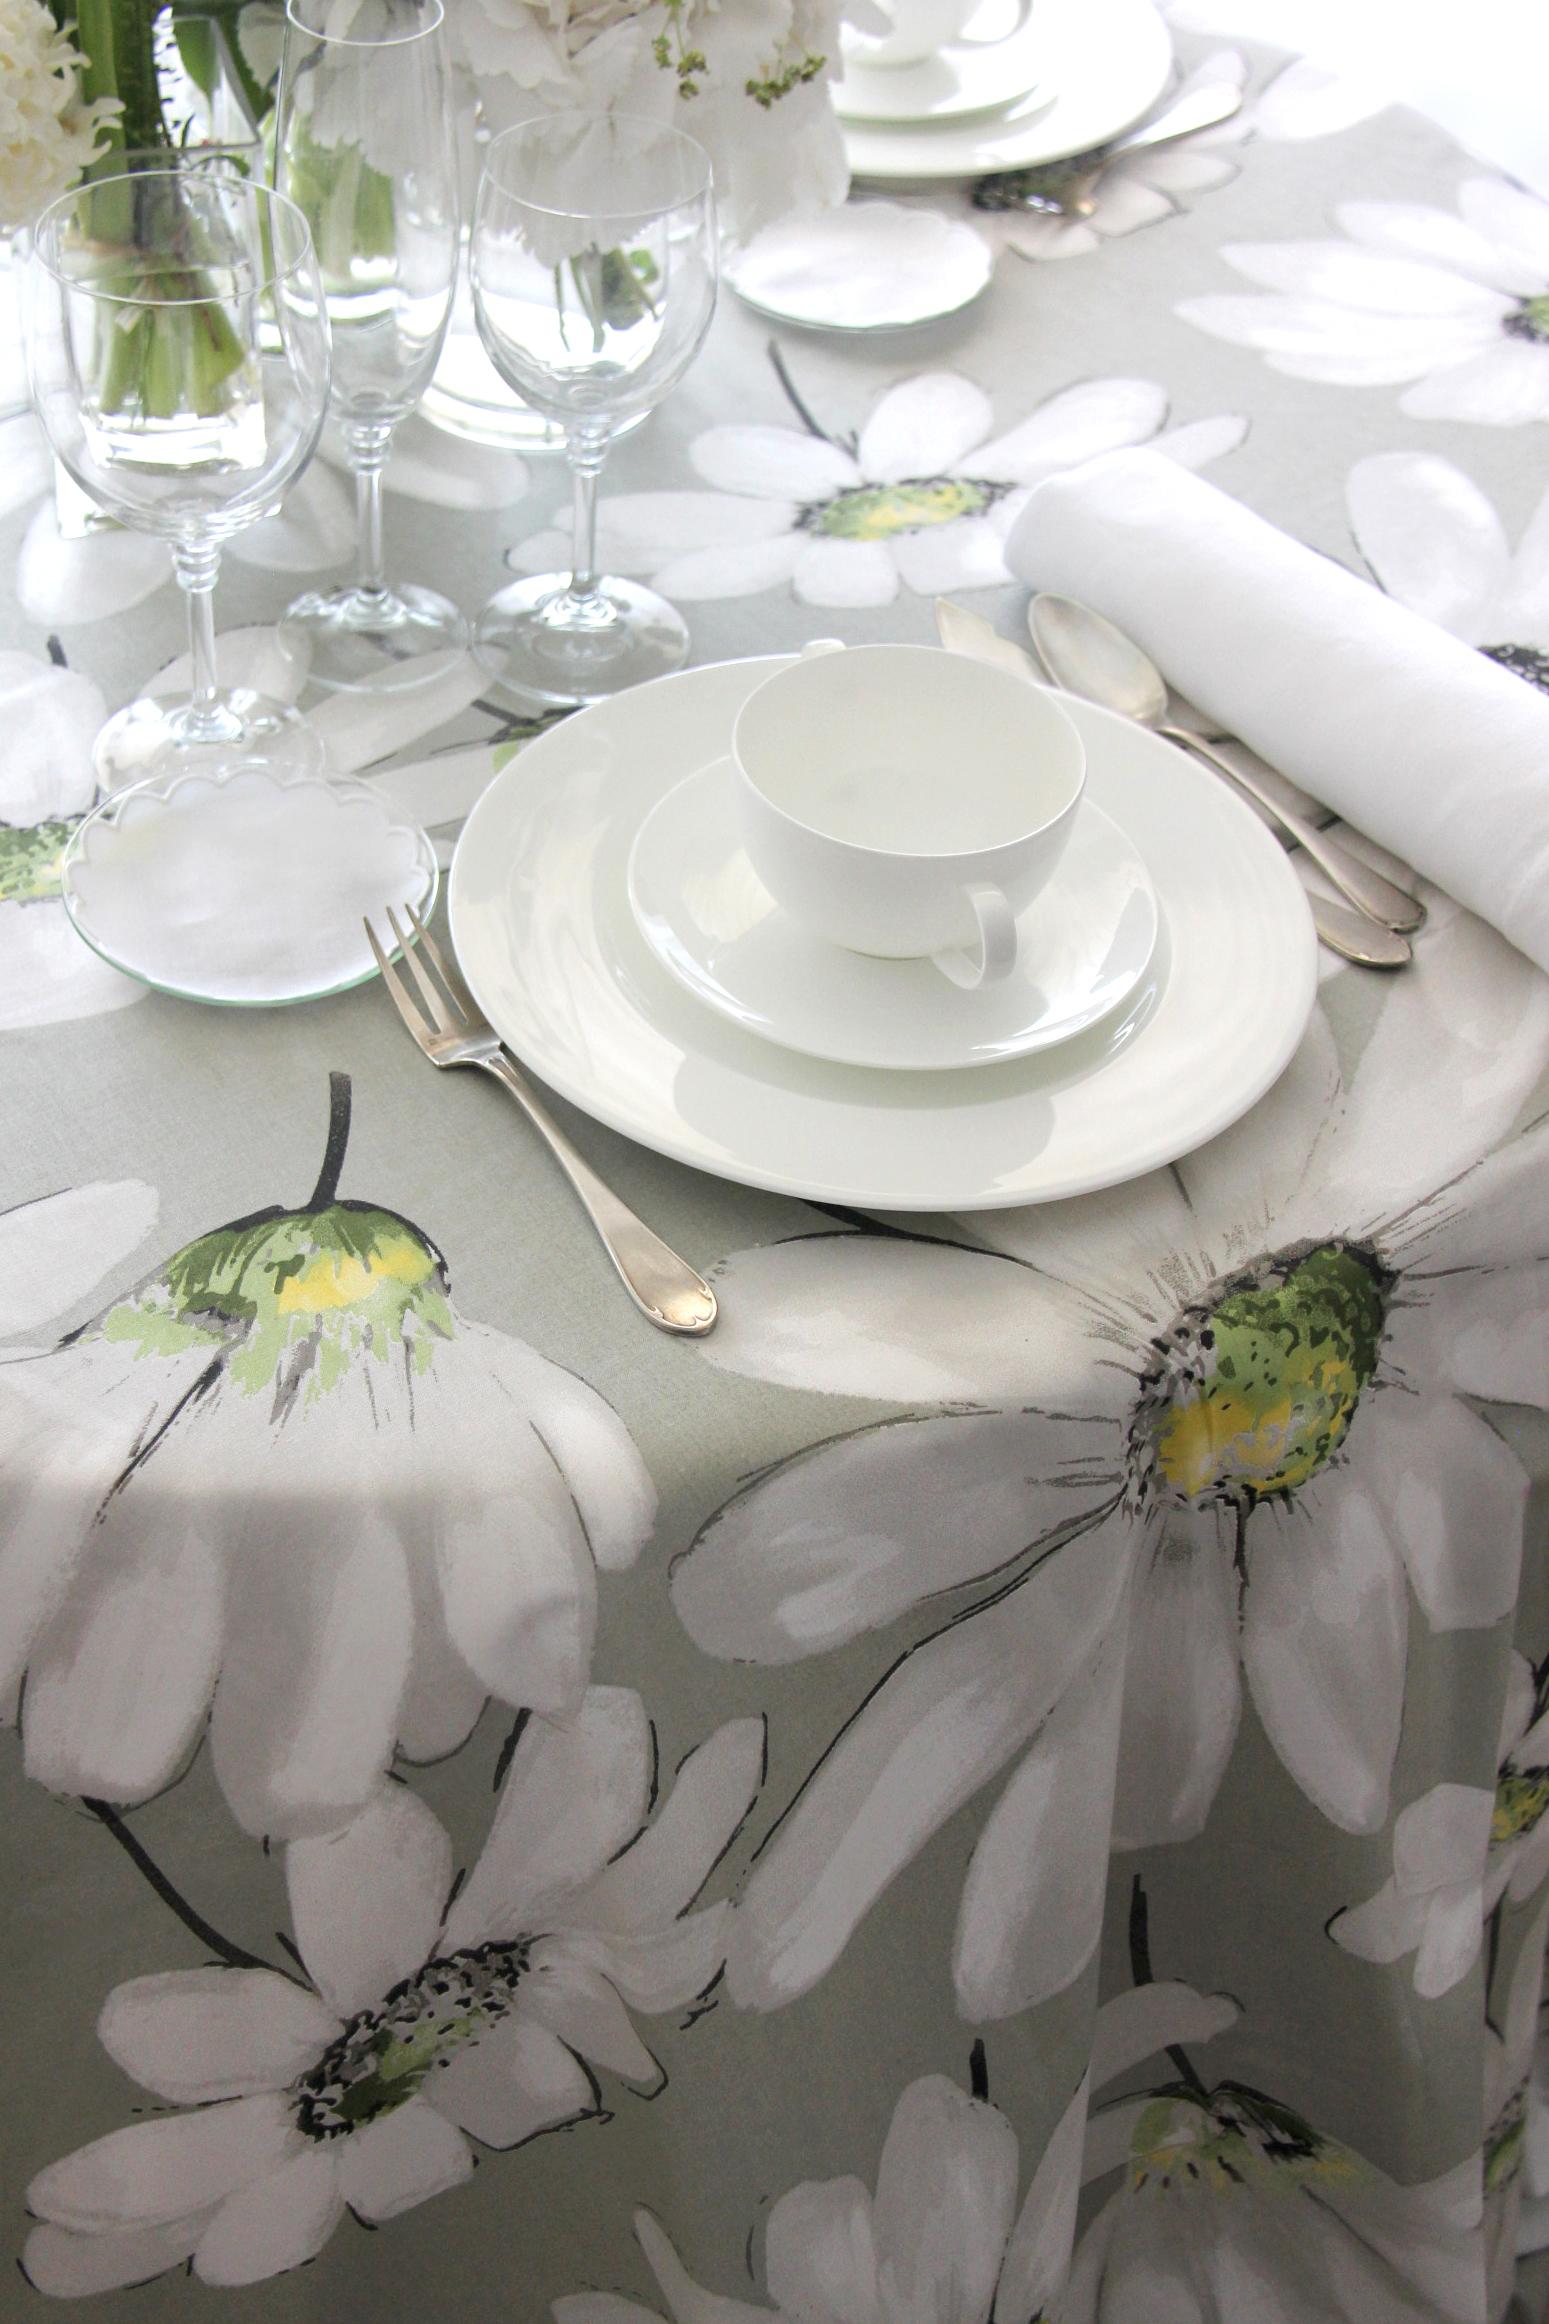 alquiler mantelería greta para catering, particulares, floristas, decoradores, wedding planner, empresas,